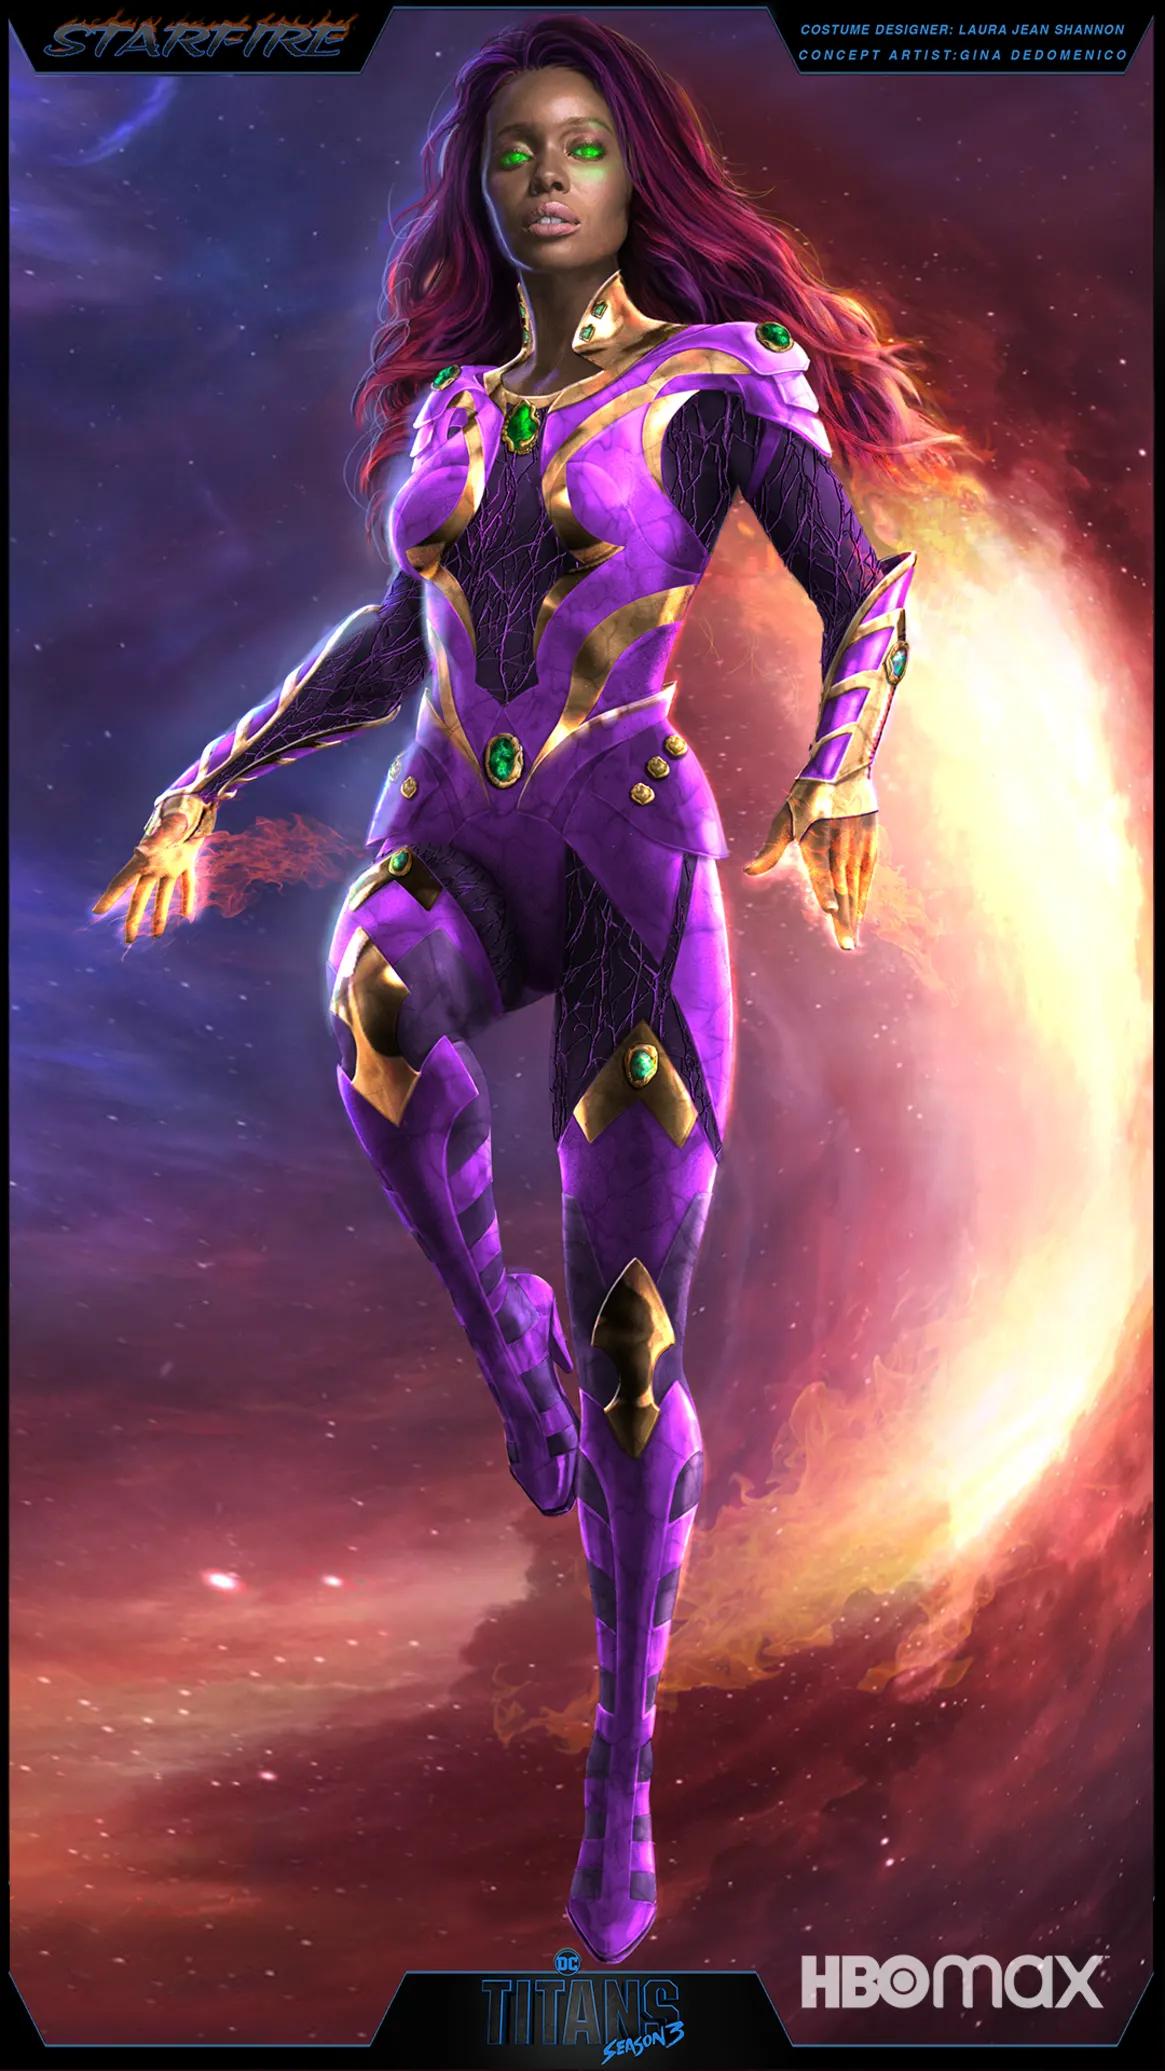 Starfire Titans Season 3 Concept Art by Gina DeDomenico